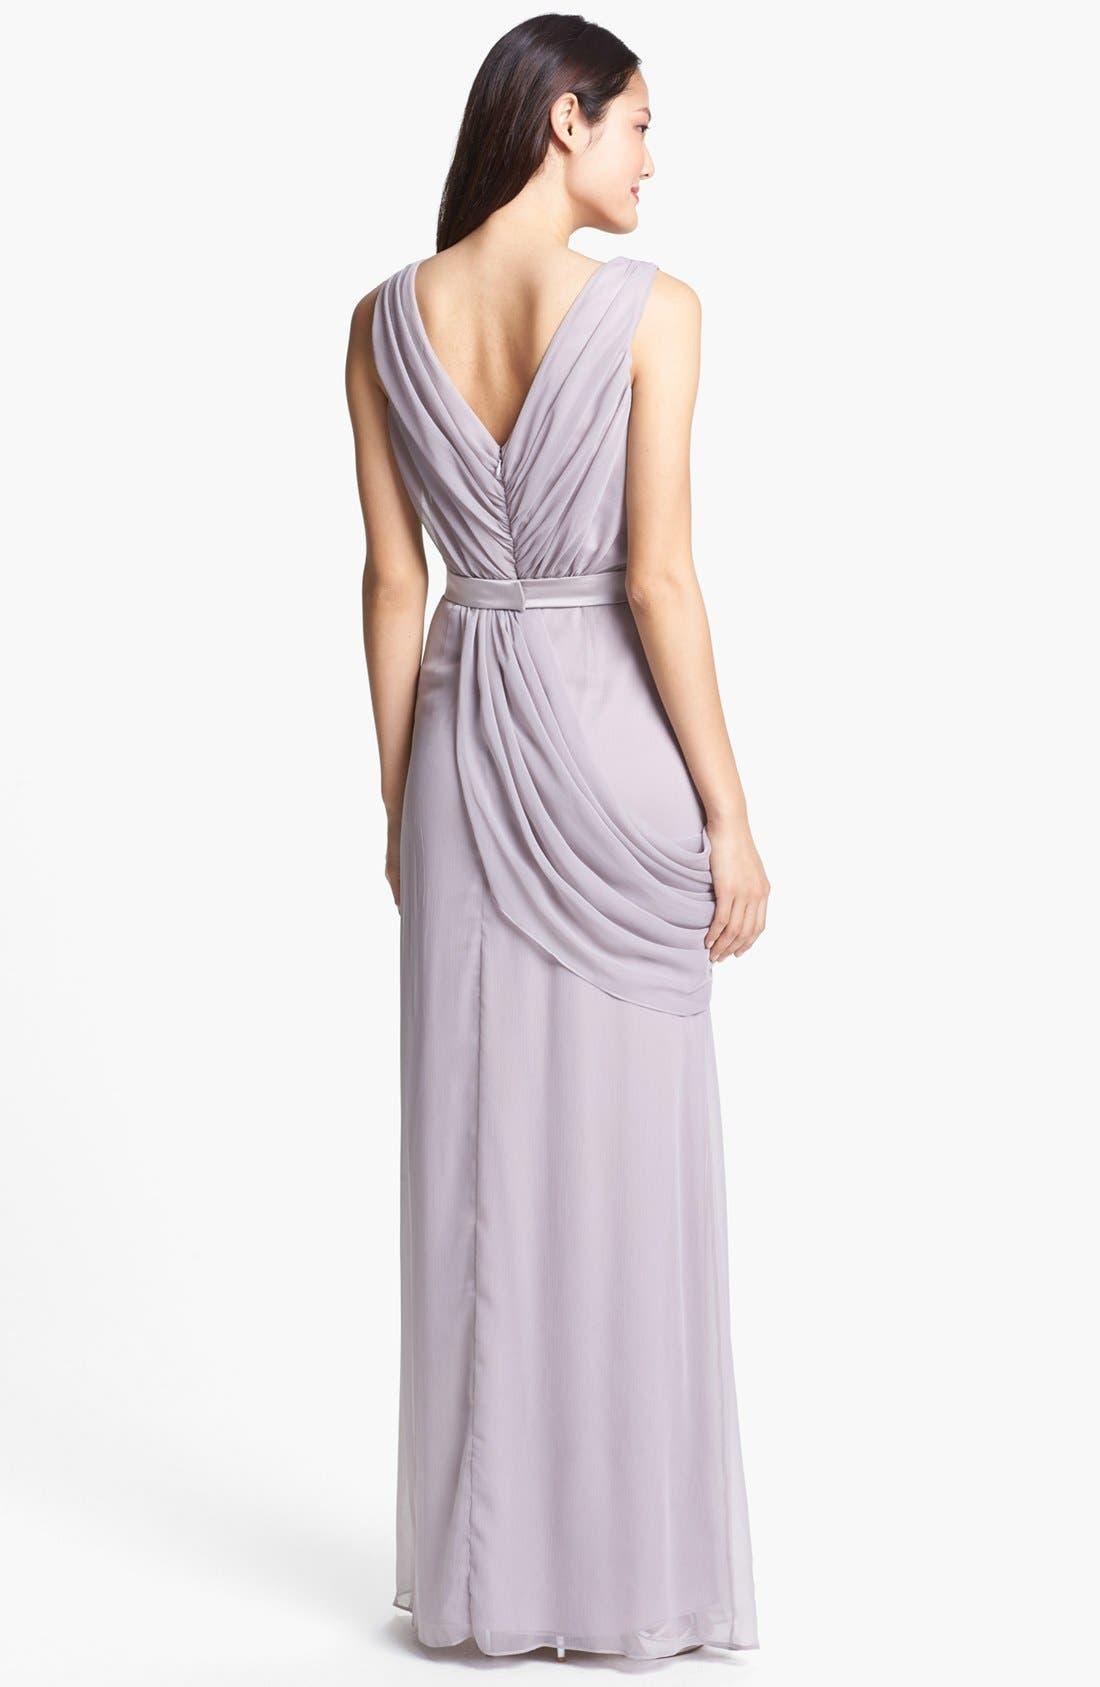 Draped Chiffon Dress,                             Alternate thumbnail 2, color,                             251